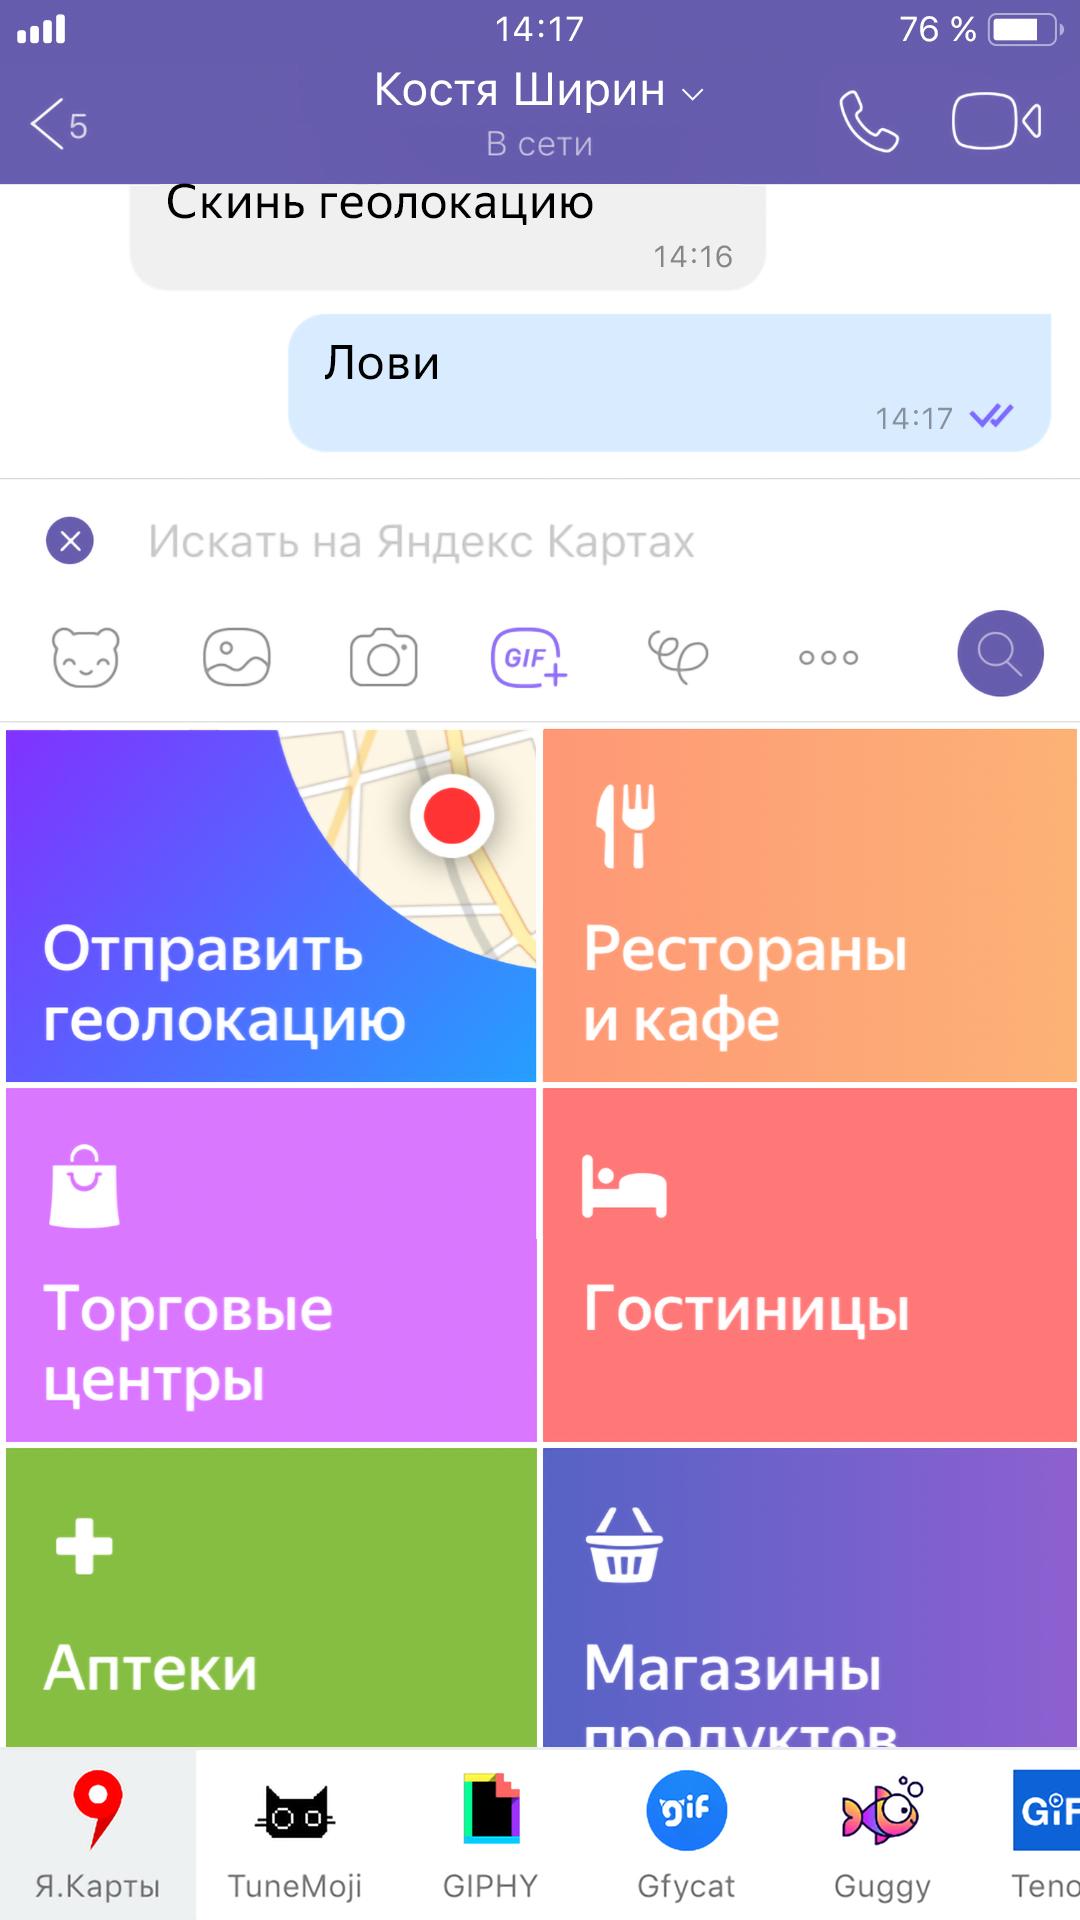 «Яндекс.Карты» помогут найти нужное заведение в Viber1